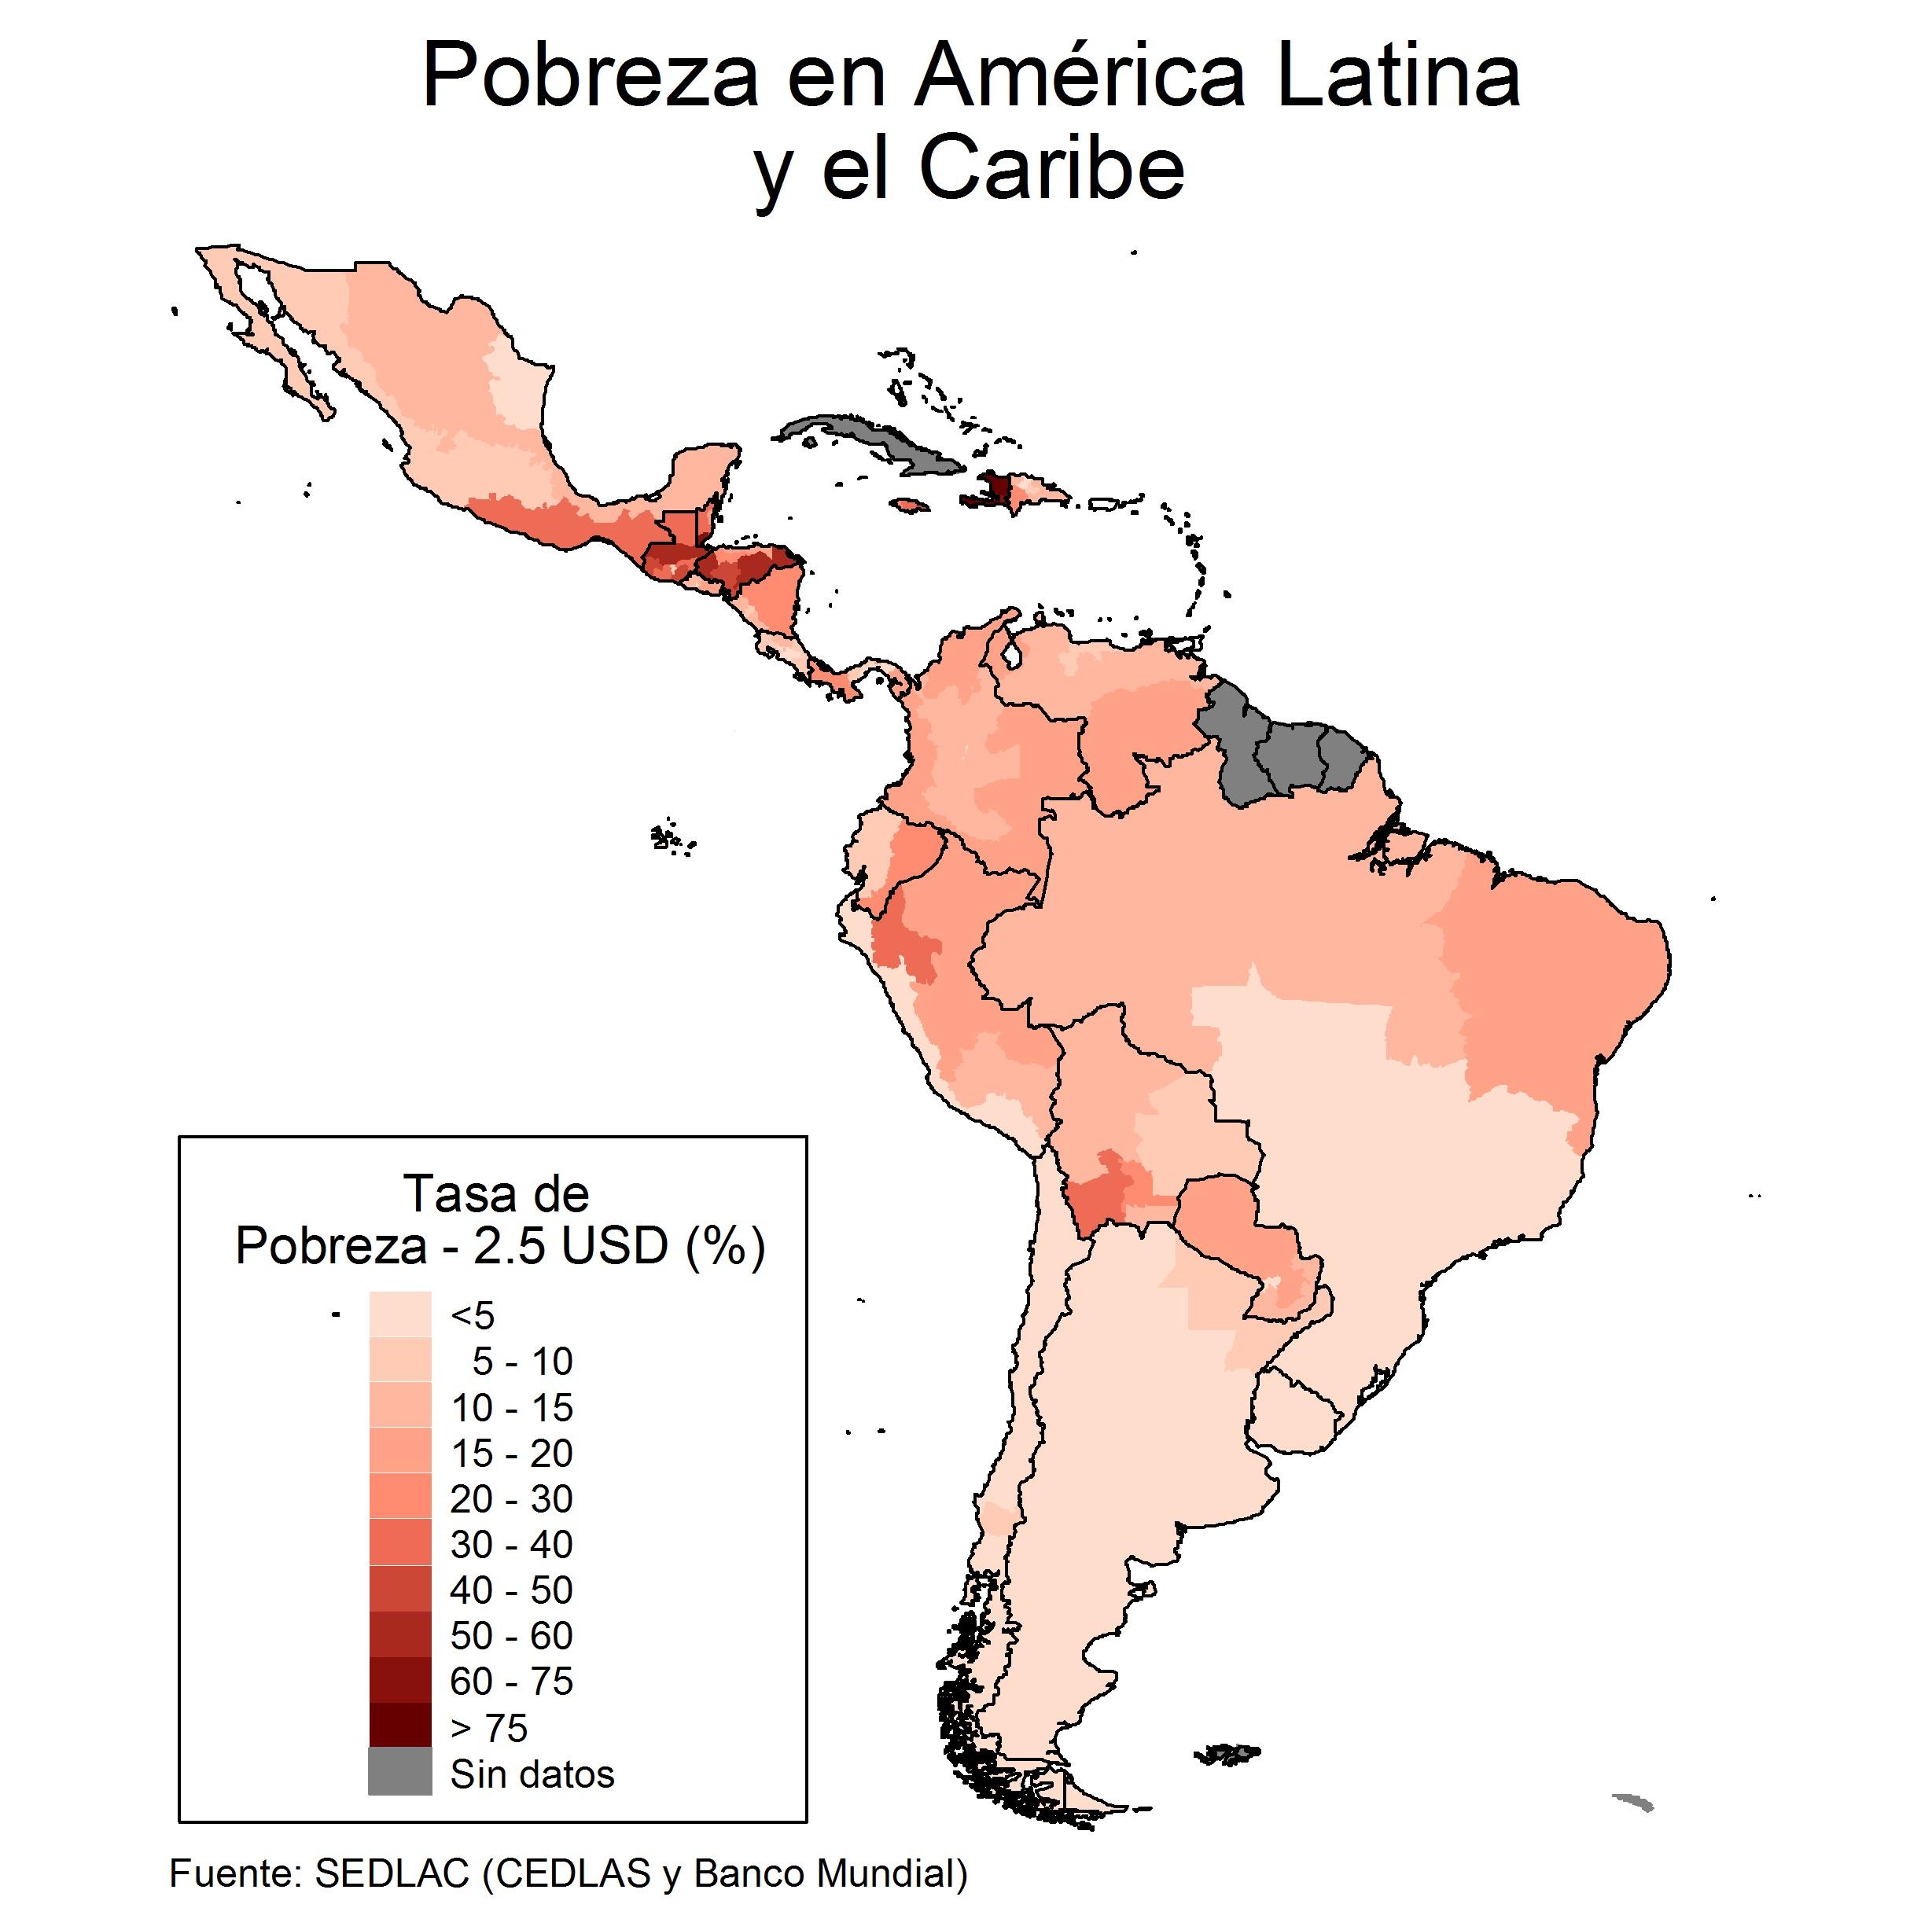 espanol_poverty_2usd_00_new